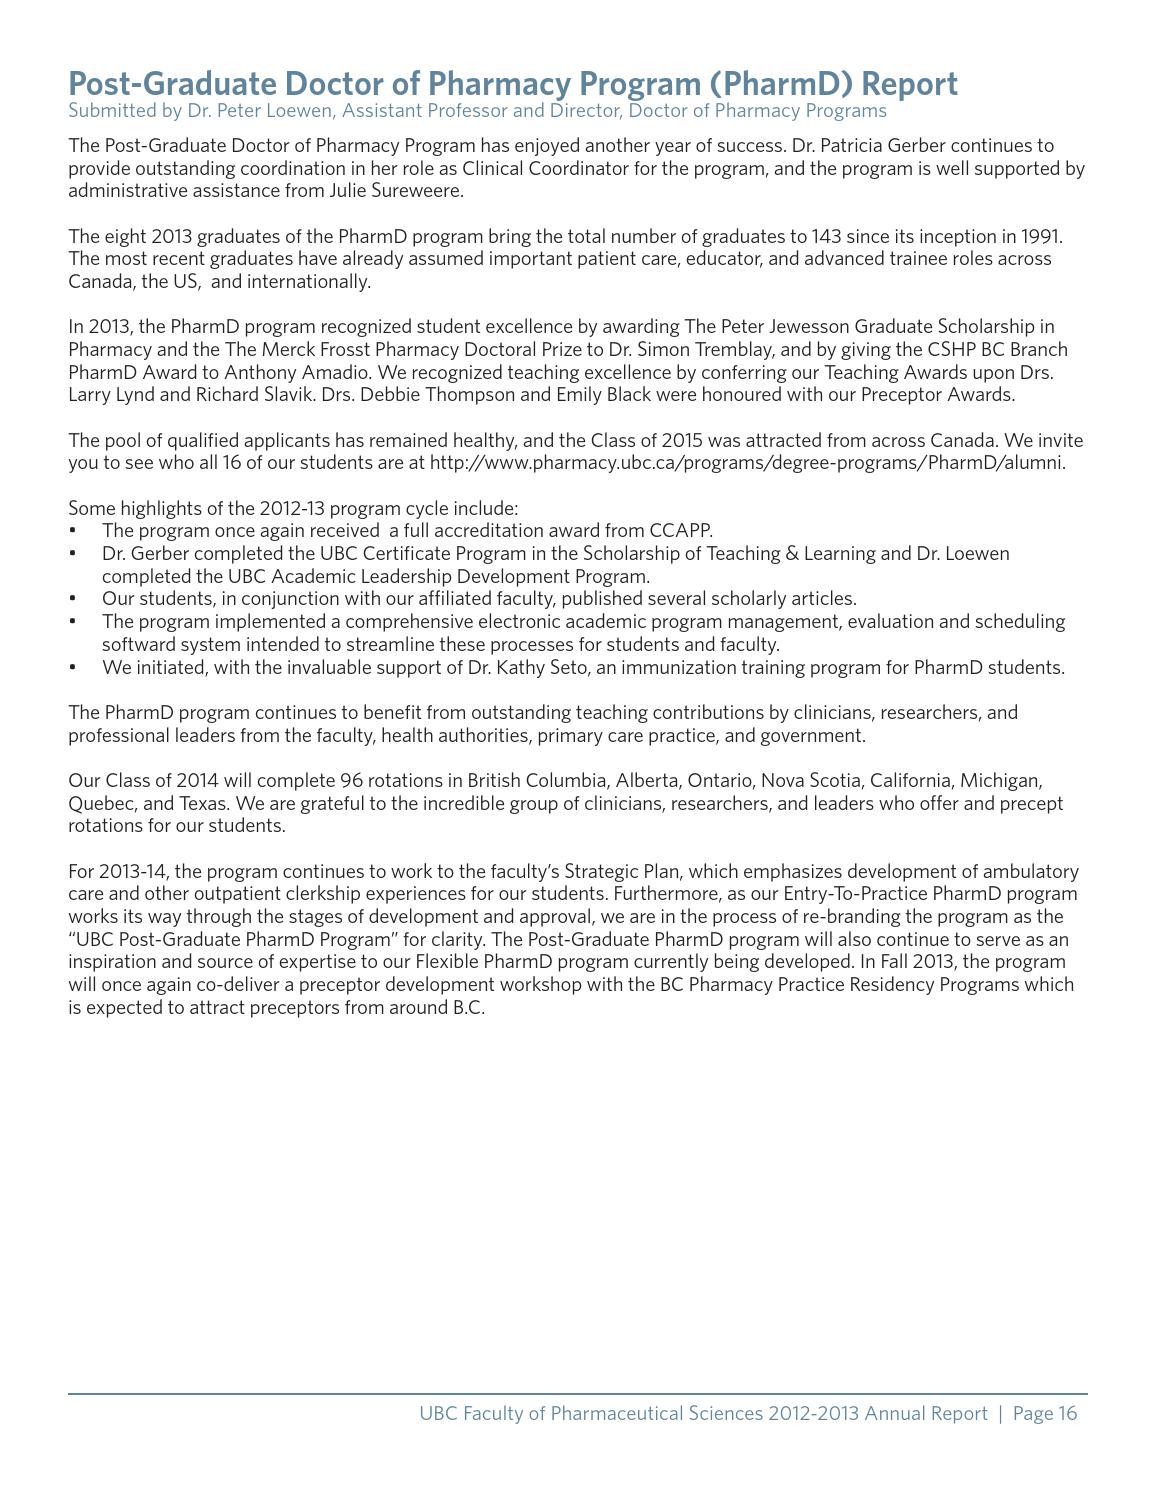 merck annual report 2012